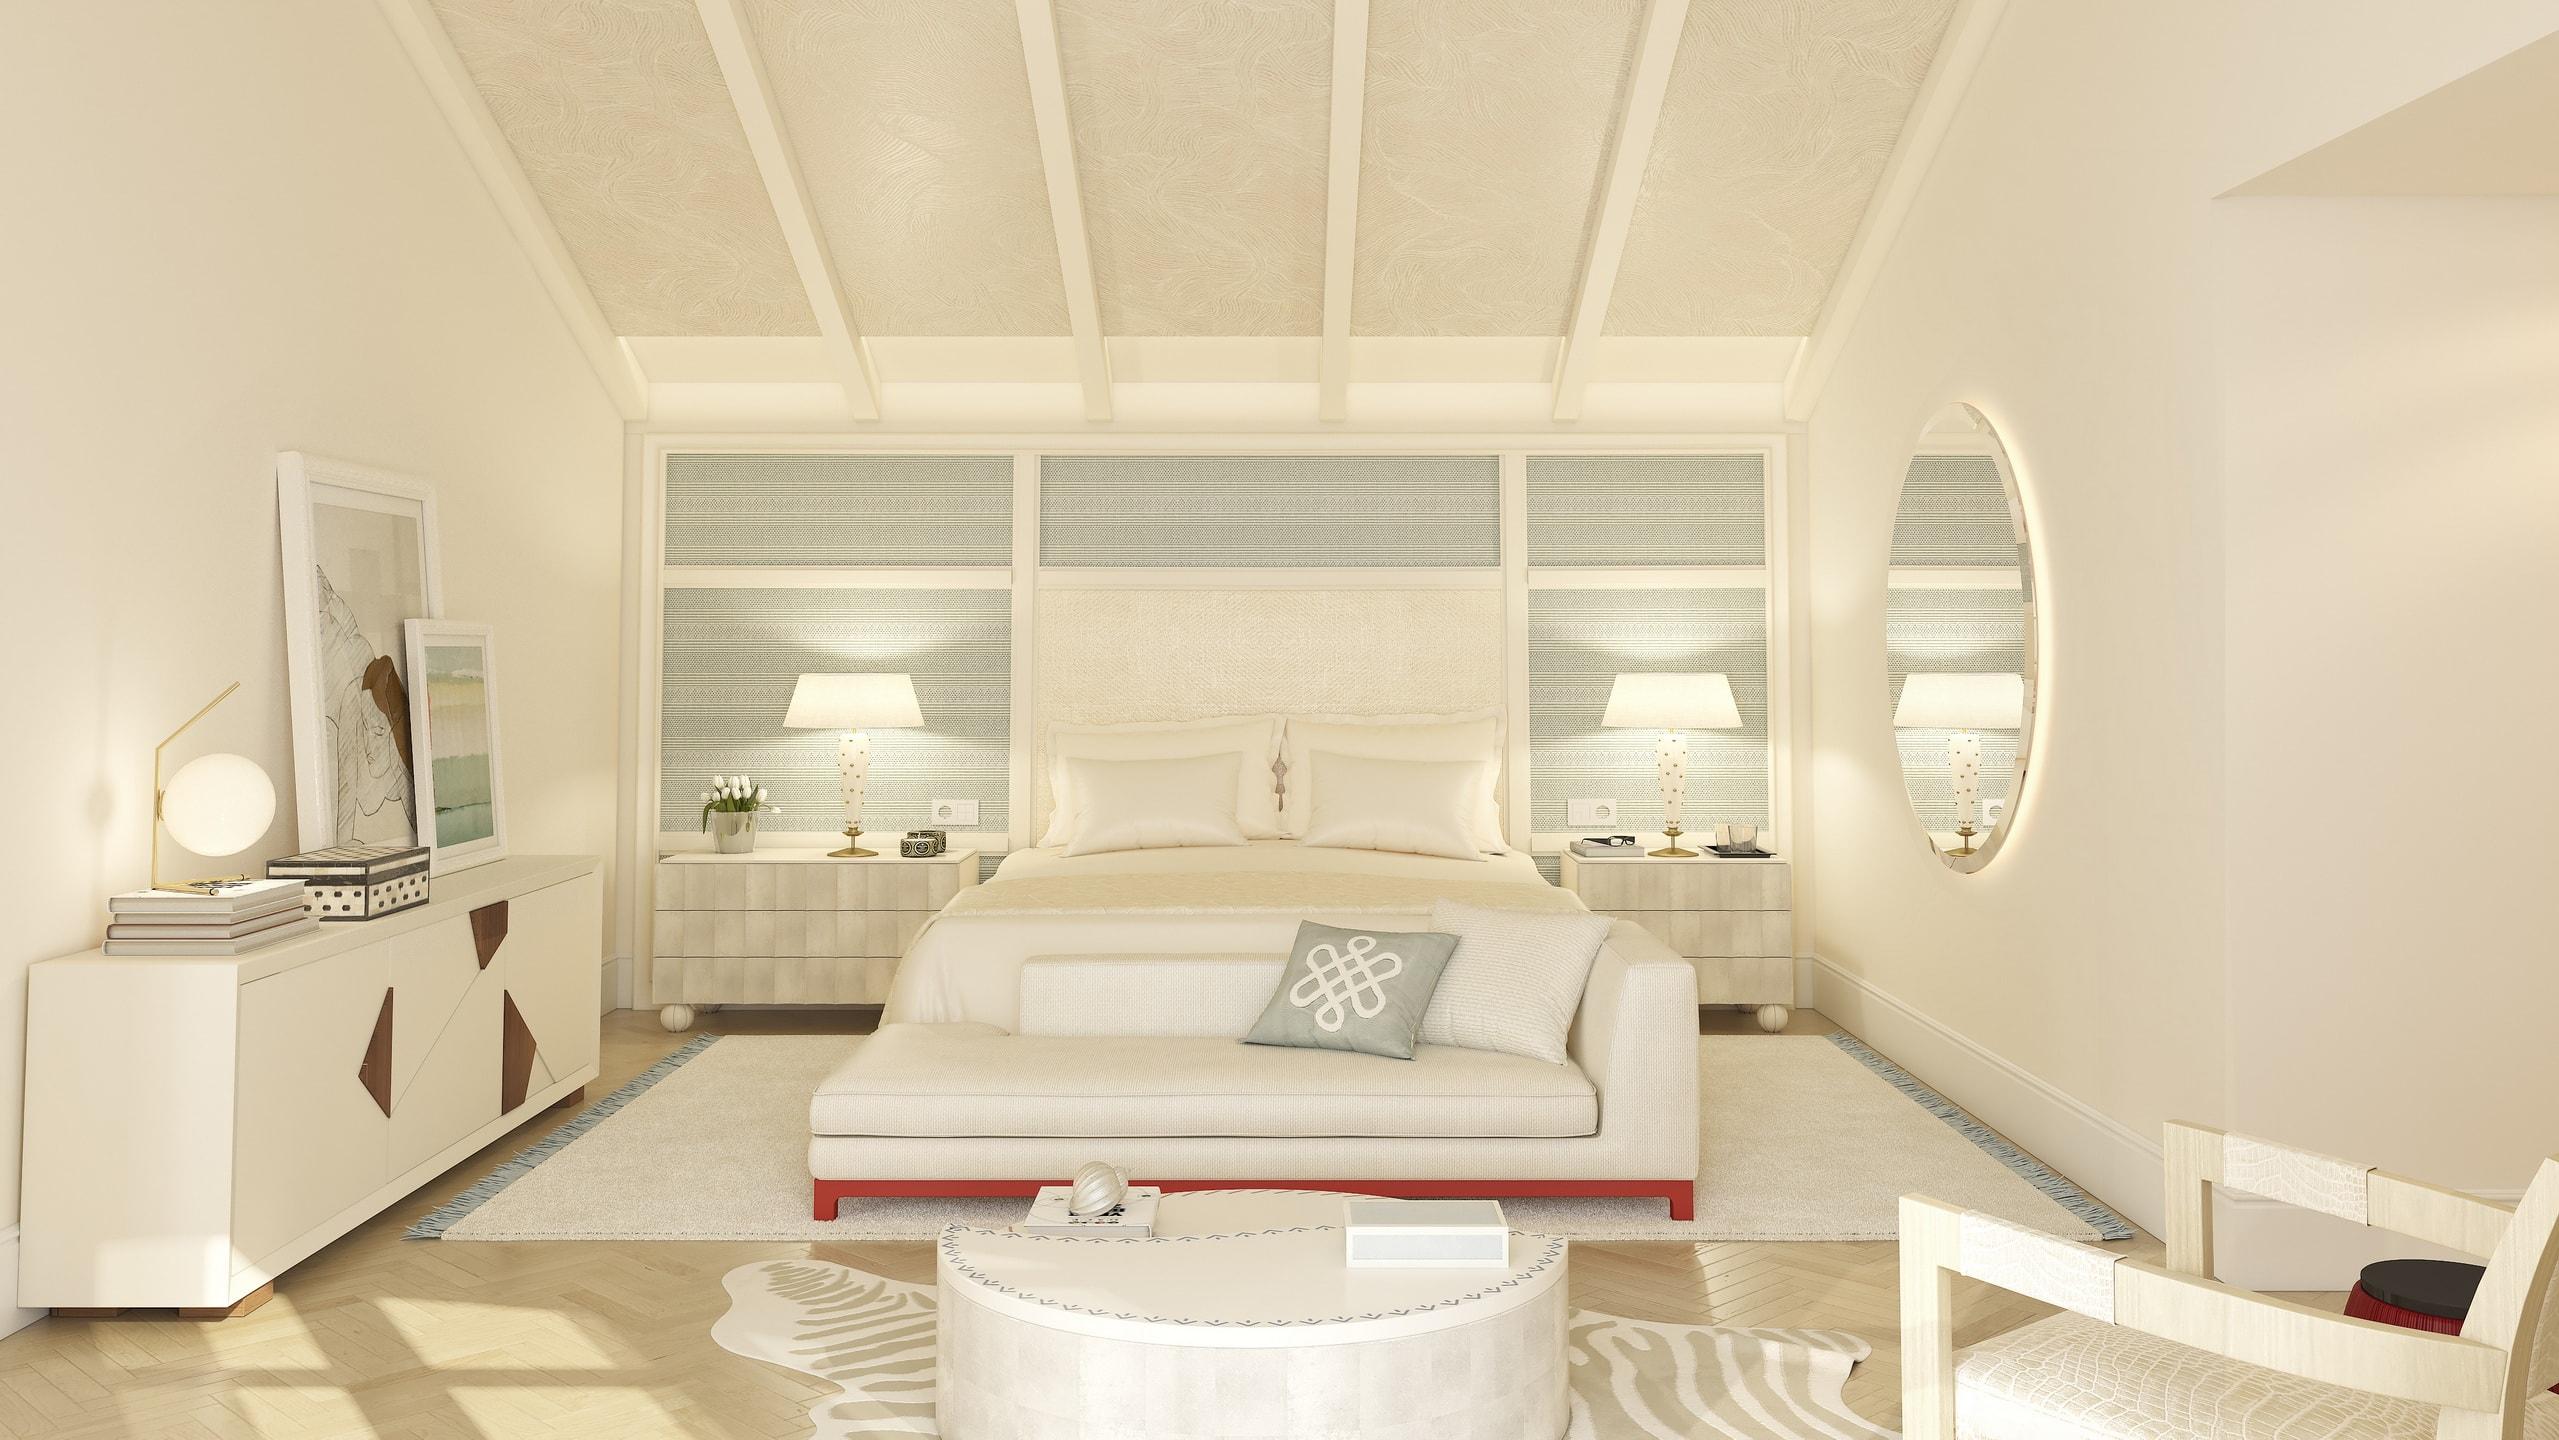 habitación de invitados con cama y sofá en color blanco.